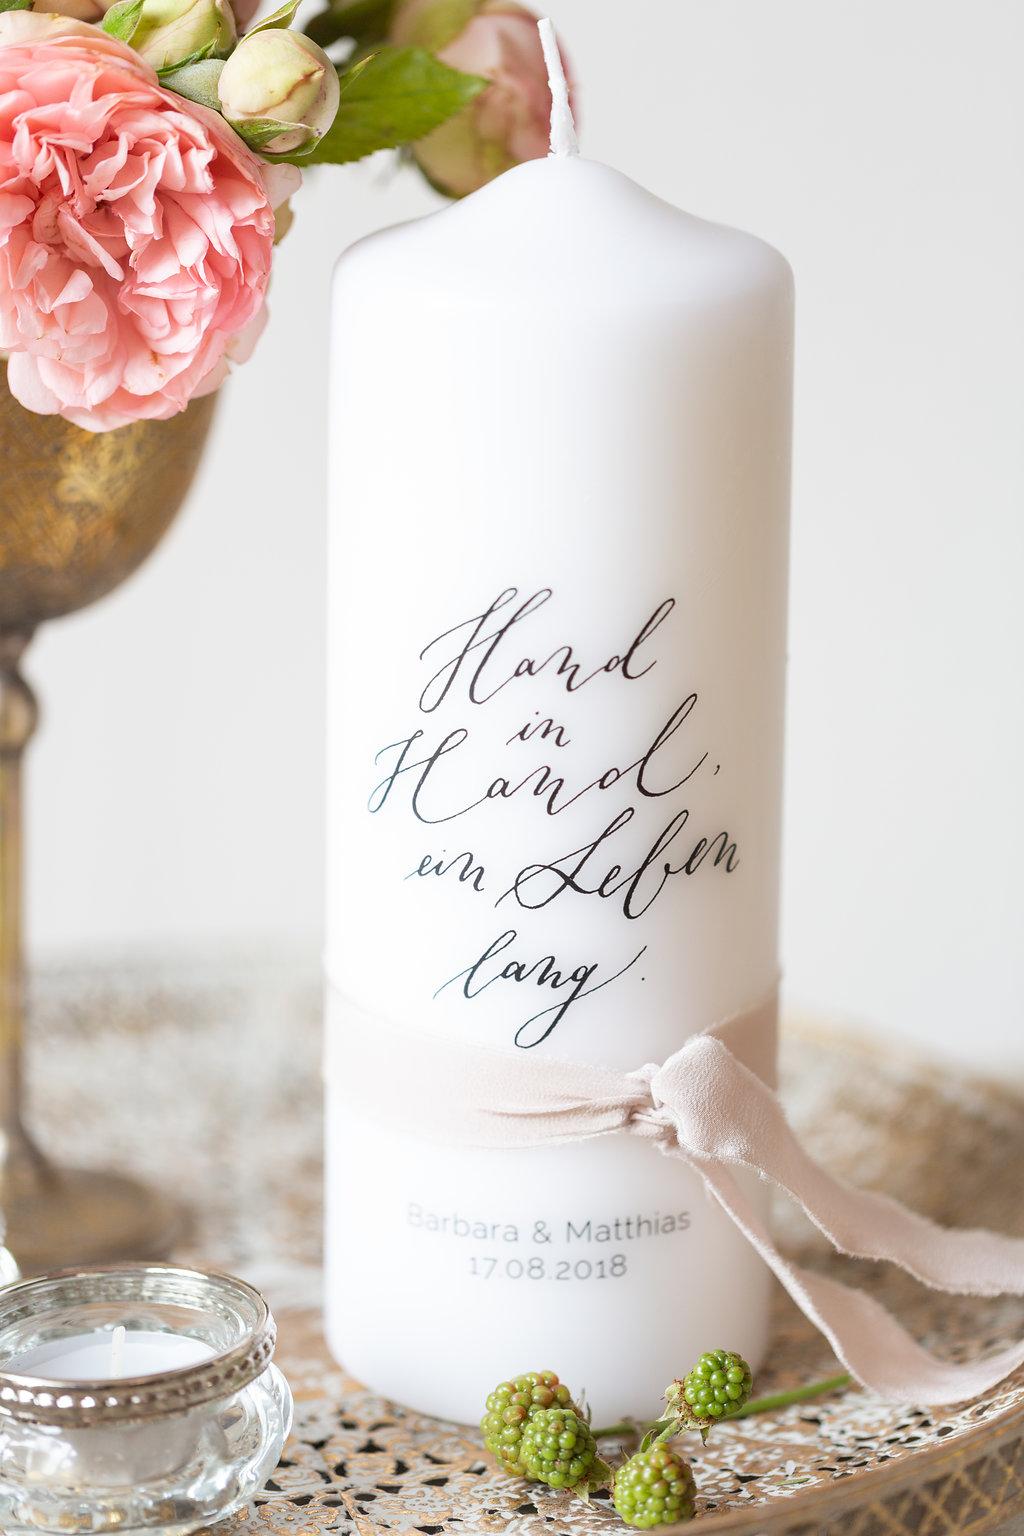 personalisierte hochzeitskerze kalligrafie hand in hand ein leben lang the little wedding. Black Bedroom Furniture Sets. Home Design Ideas